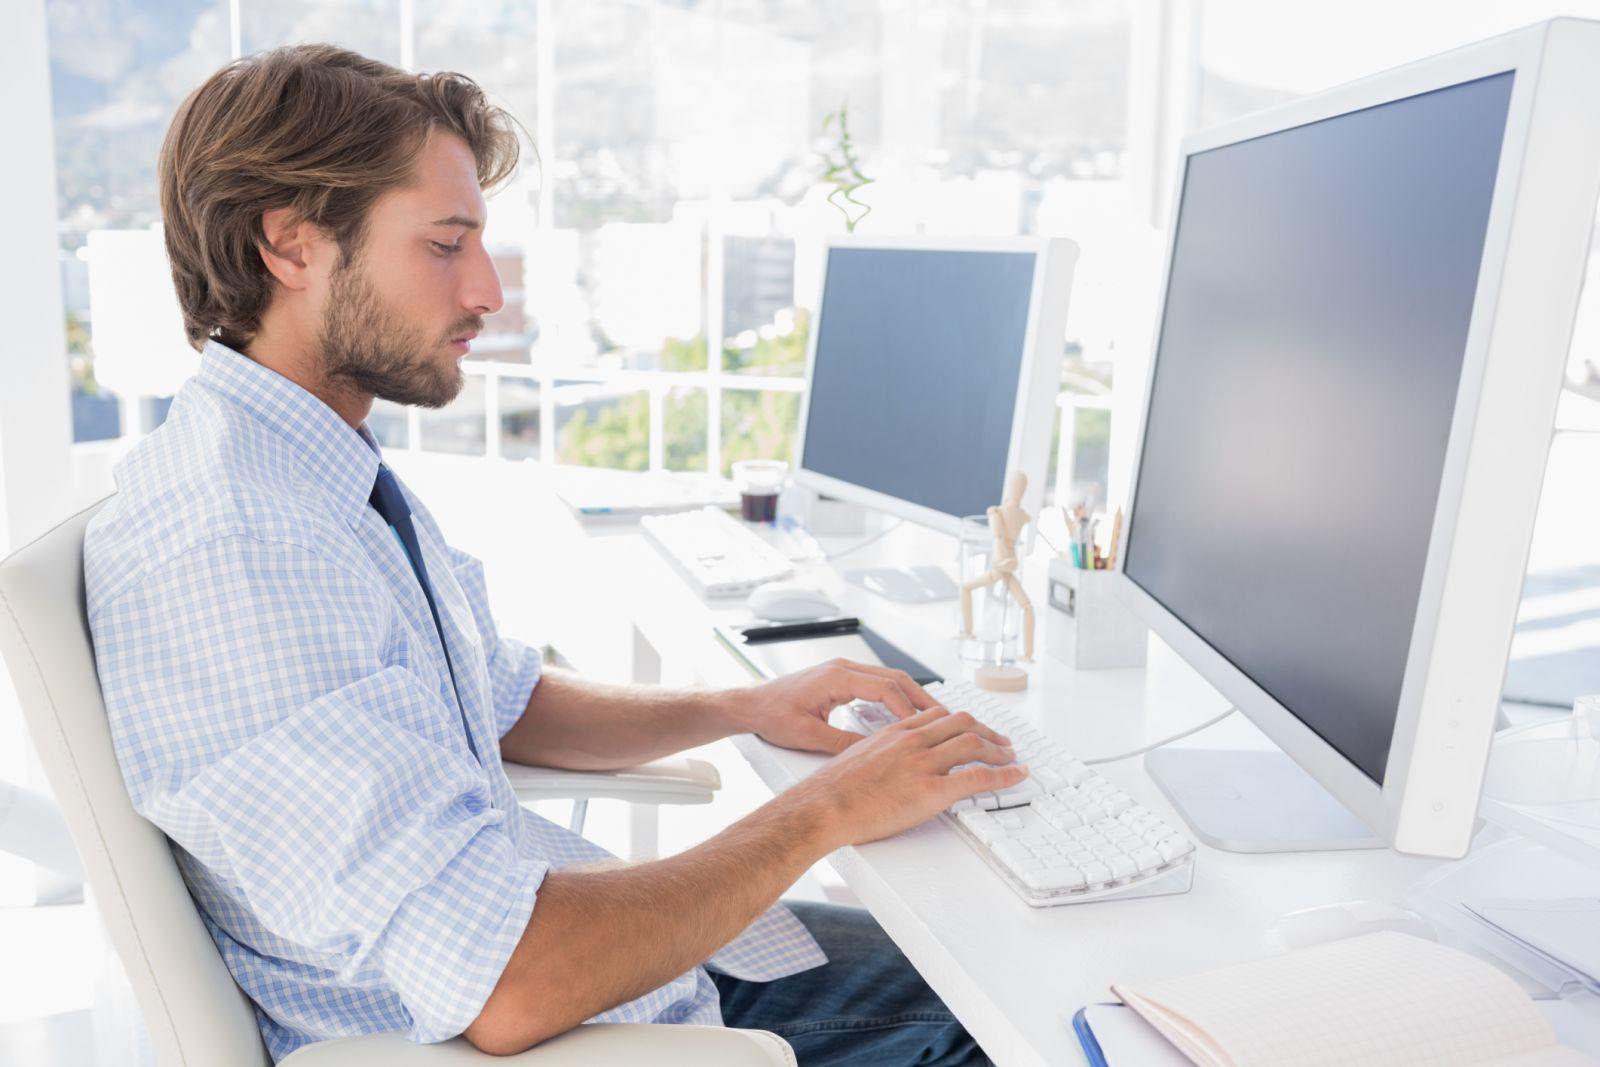 Бесплатный вебинар: 11 секретов создания продающего сайта в 2021 году